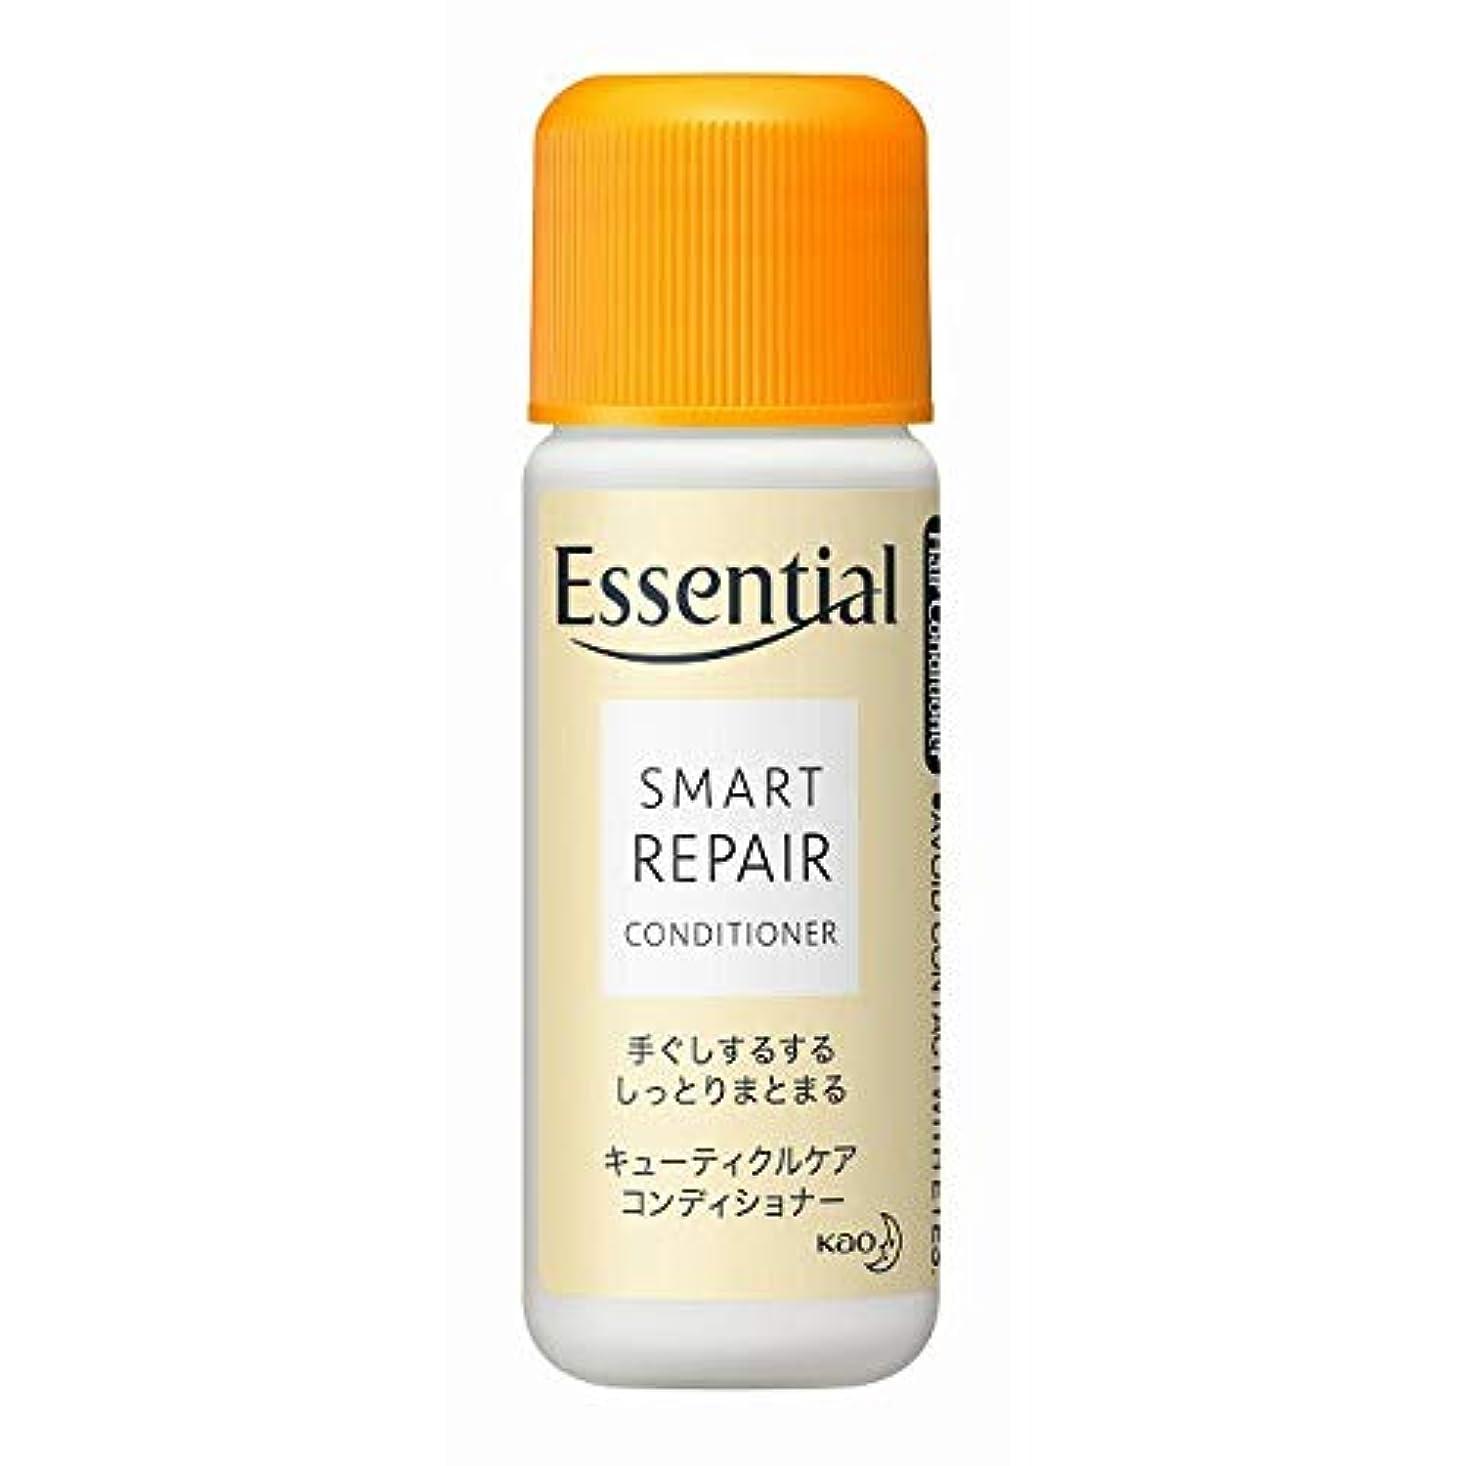 フォーカスハードリングタイトル花王 エッセンシャル(Essential) しっとりツヤ髪 コンディショナー 業務用 ミニボトル 16mL×360個